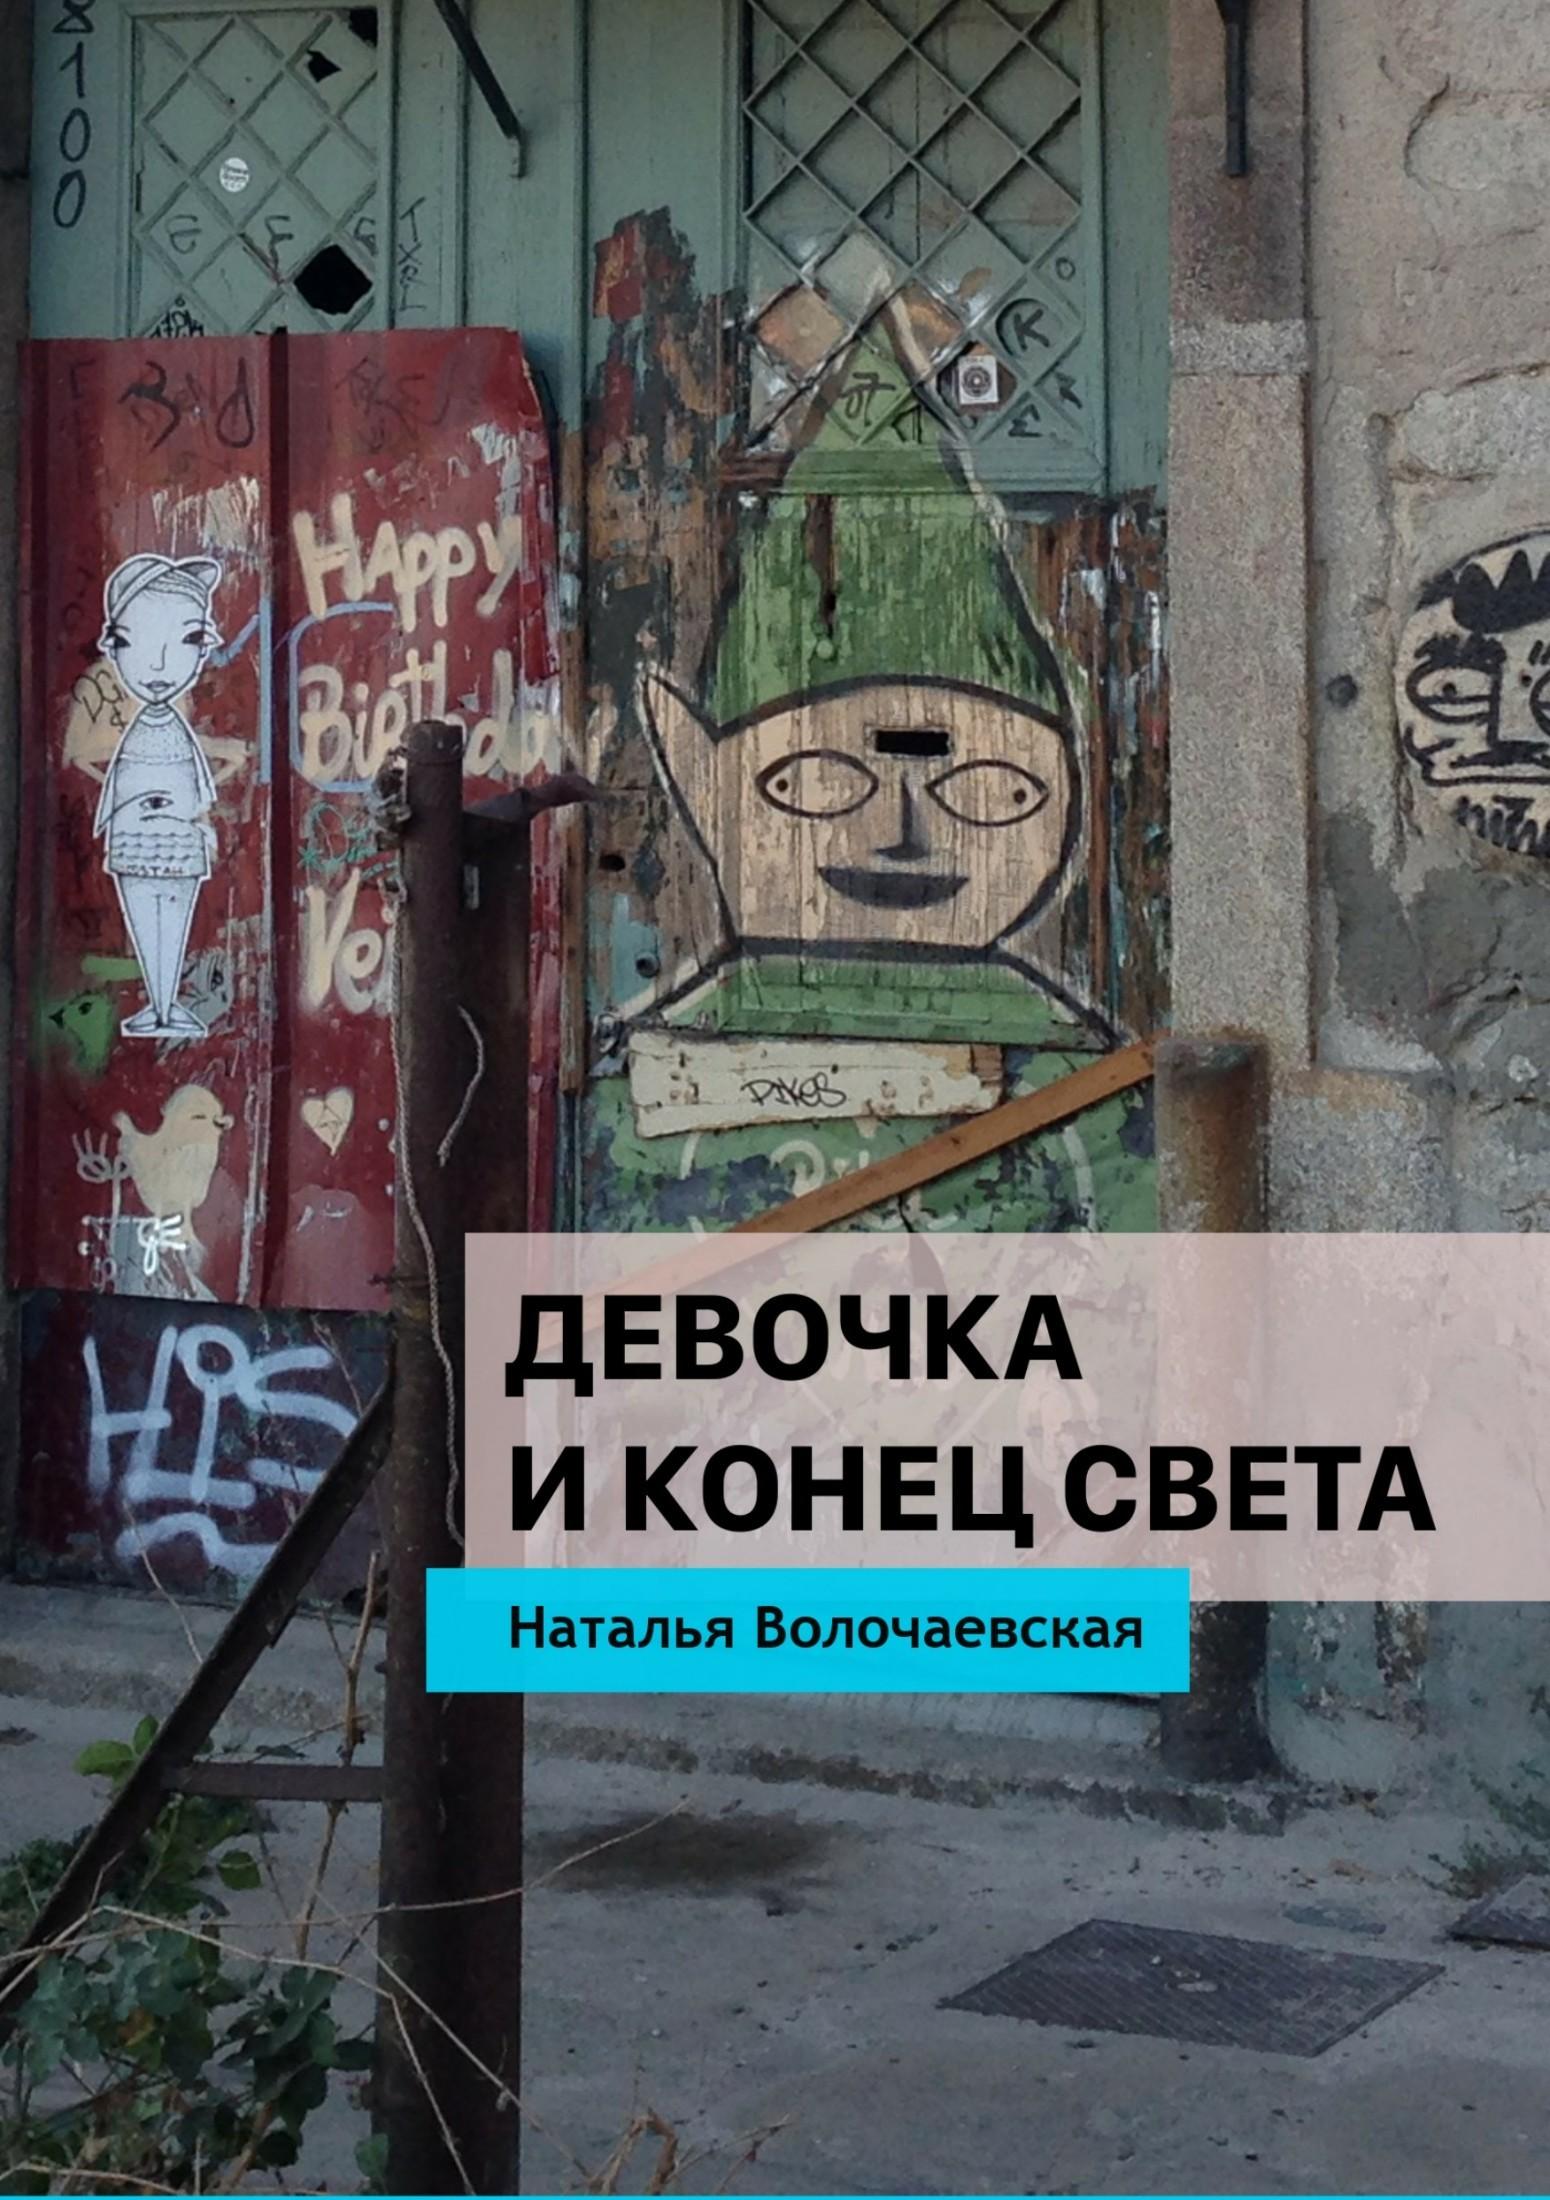 Наталья Волочаевская. Девочка и конец света